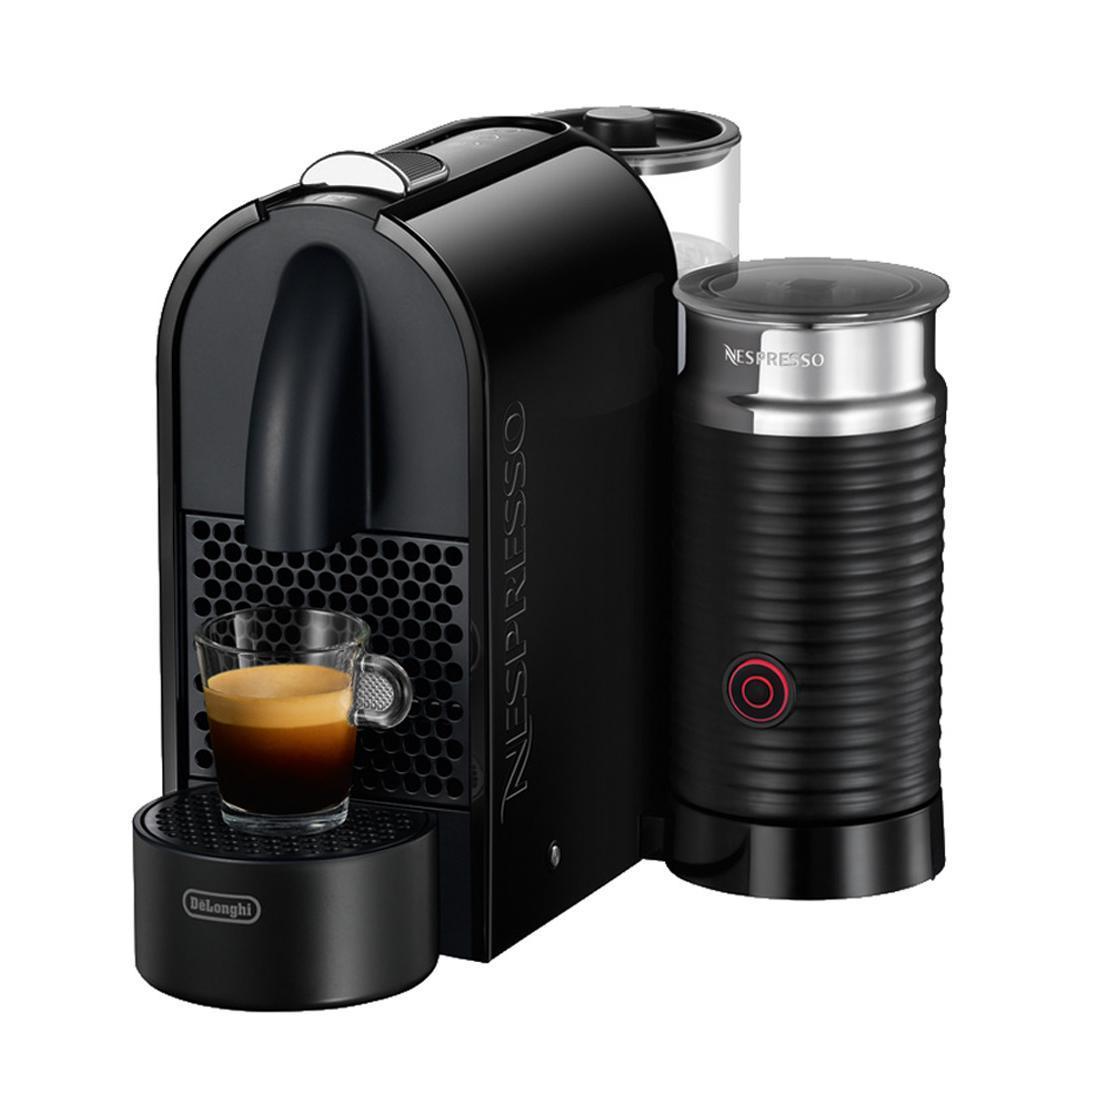 DeLonghi EN 210.BAE Nespresso кофеваркаEN 210.BAEКофемашина DeLonghi NESPRESSO U&MILK EN 210 BAE оснащена встроенным Aerocinno, который предназначен для приготовления молочной пены, горячего или холодного молока. Универсальный дизайн прибора позволяет выбрать удобное положение емкости для воды, капучинатора и 3 различных позиции подставки для чашек.Ключевые преимущества:Встроенный AerocinnoАвтоматическое завариваниеУдобная система установки капсул